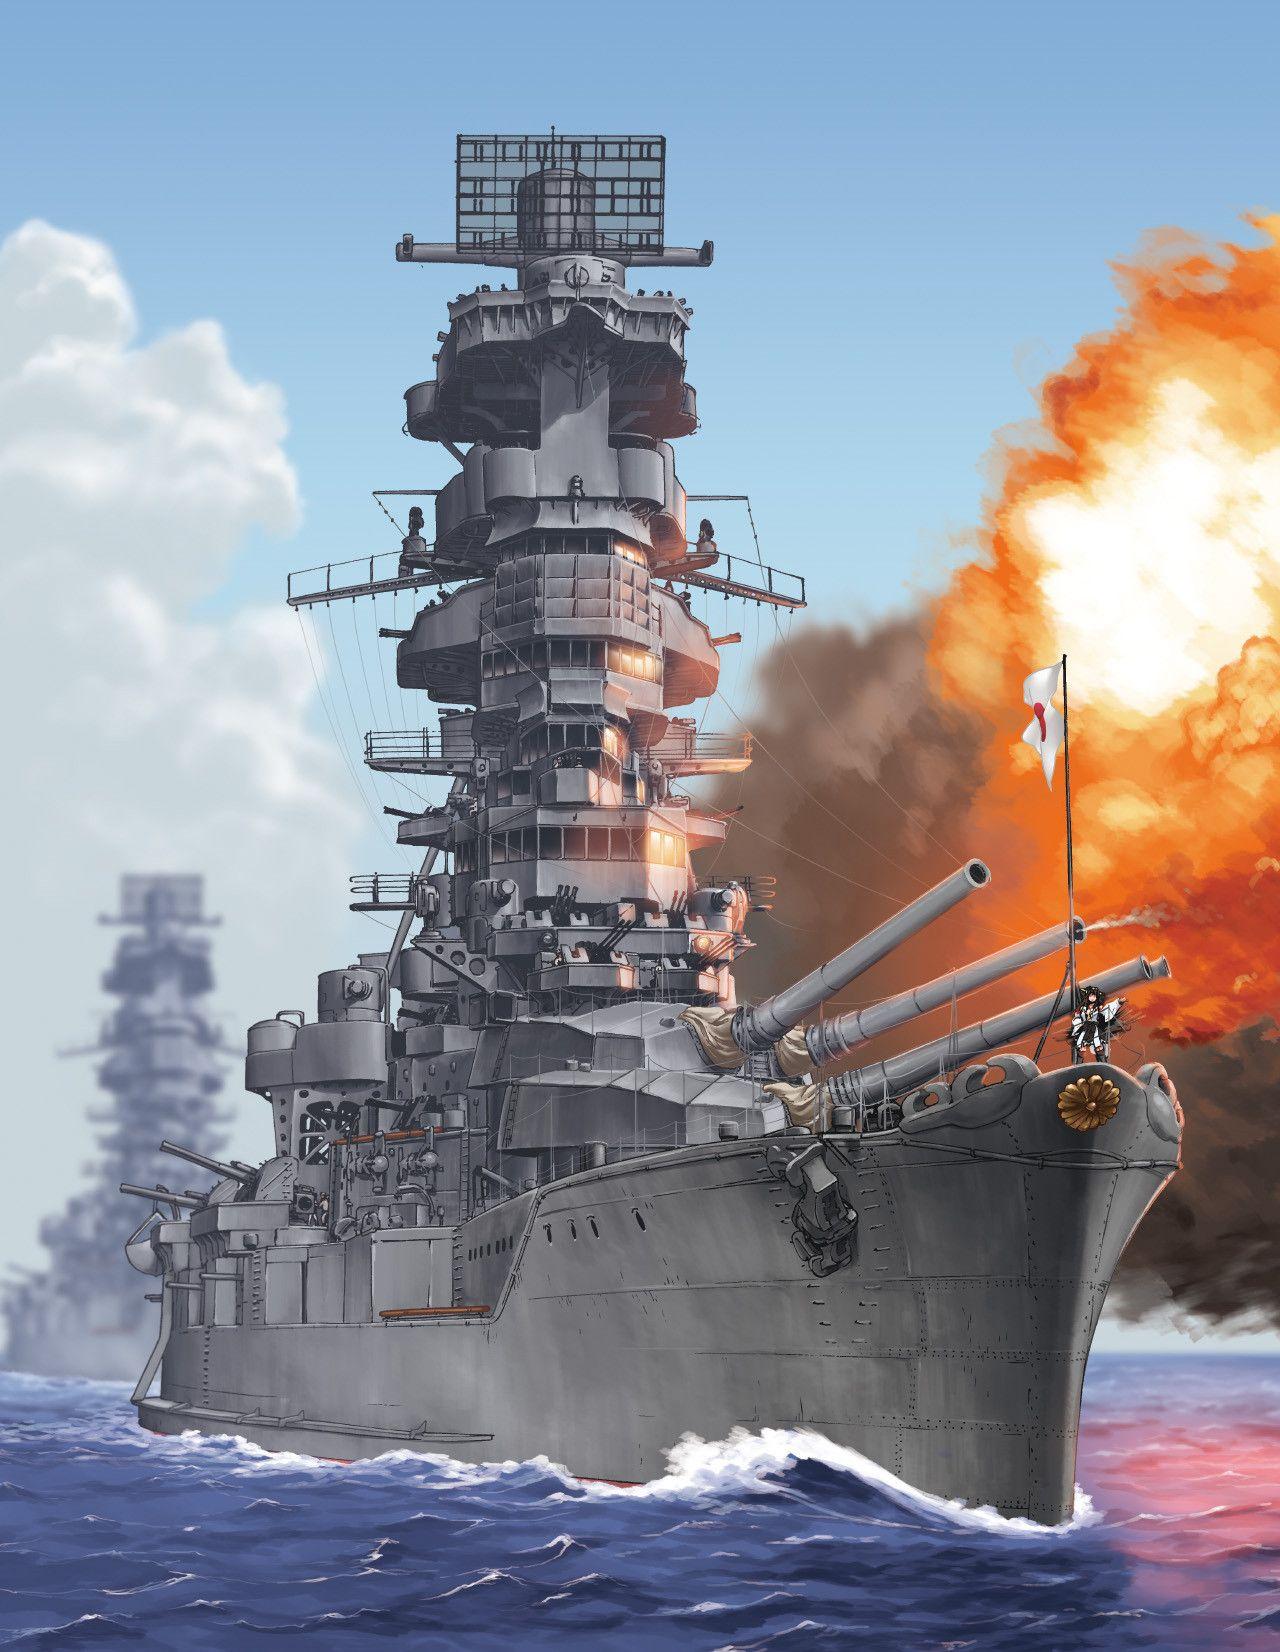 戦艦長門と主砲がかっこいい壁紙